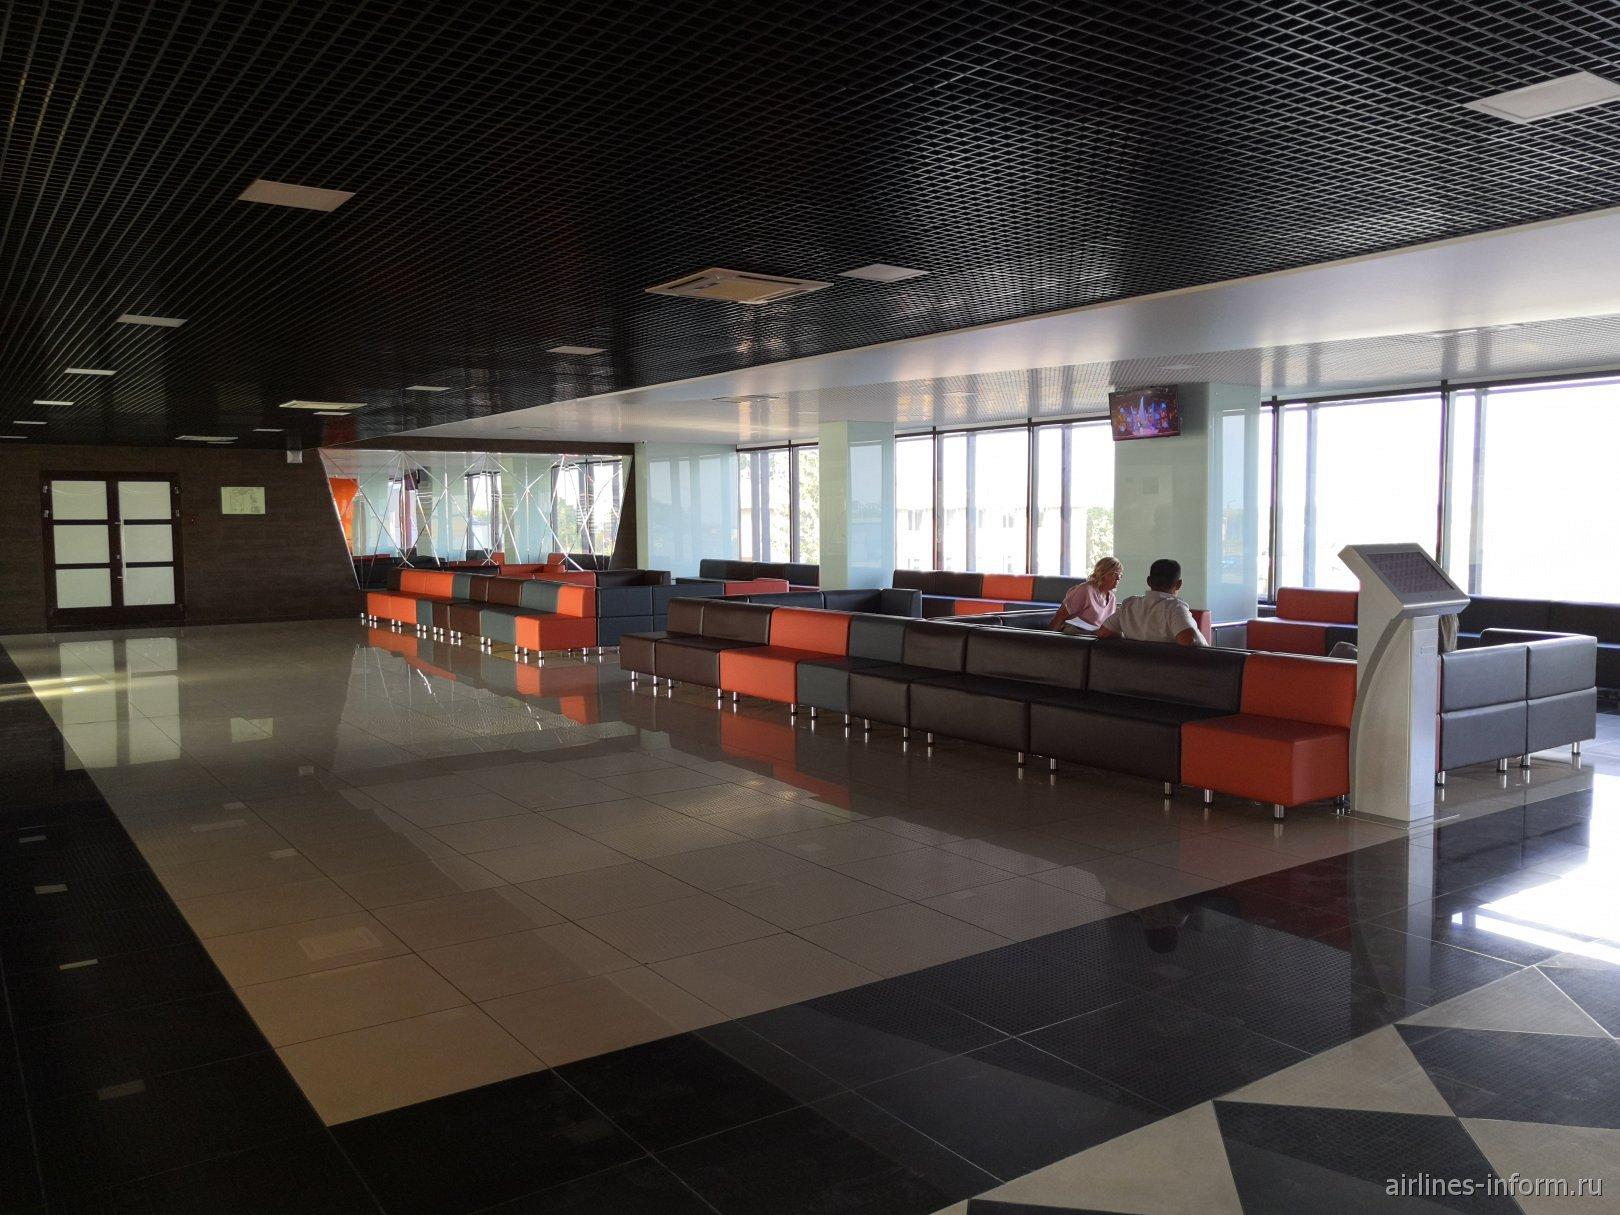 Зал ожидания в пассажирском терминале аэропорта Магнитогорск